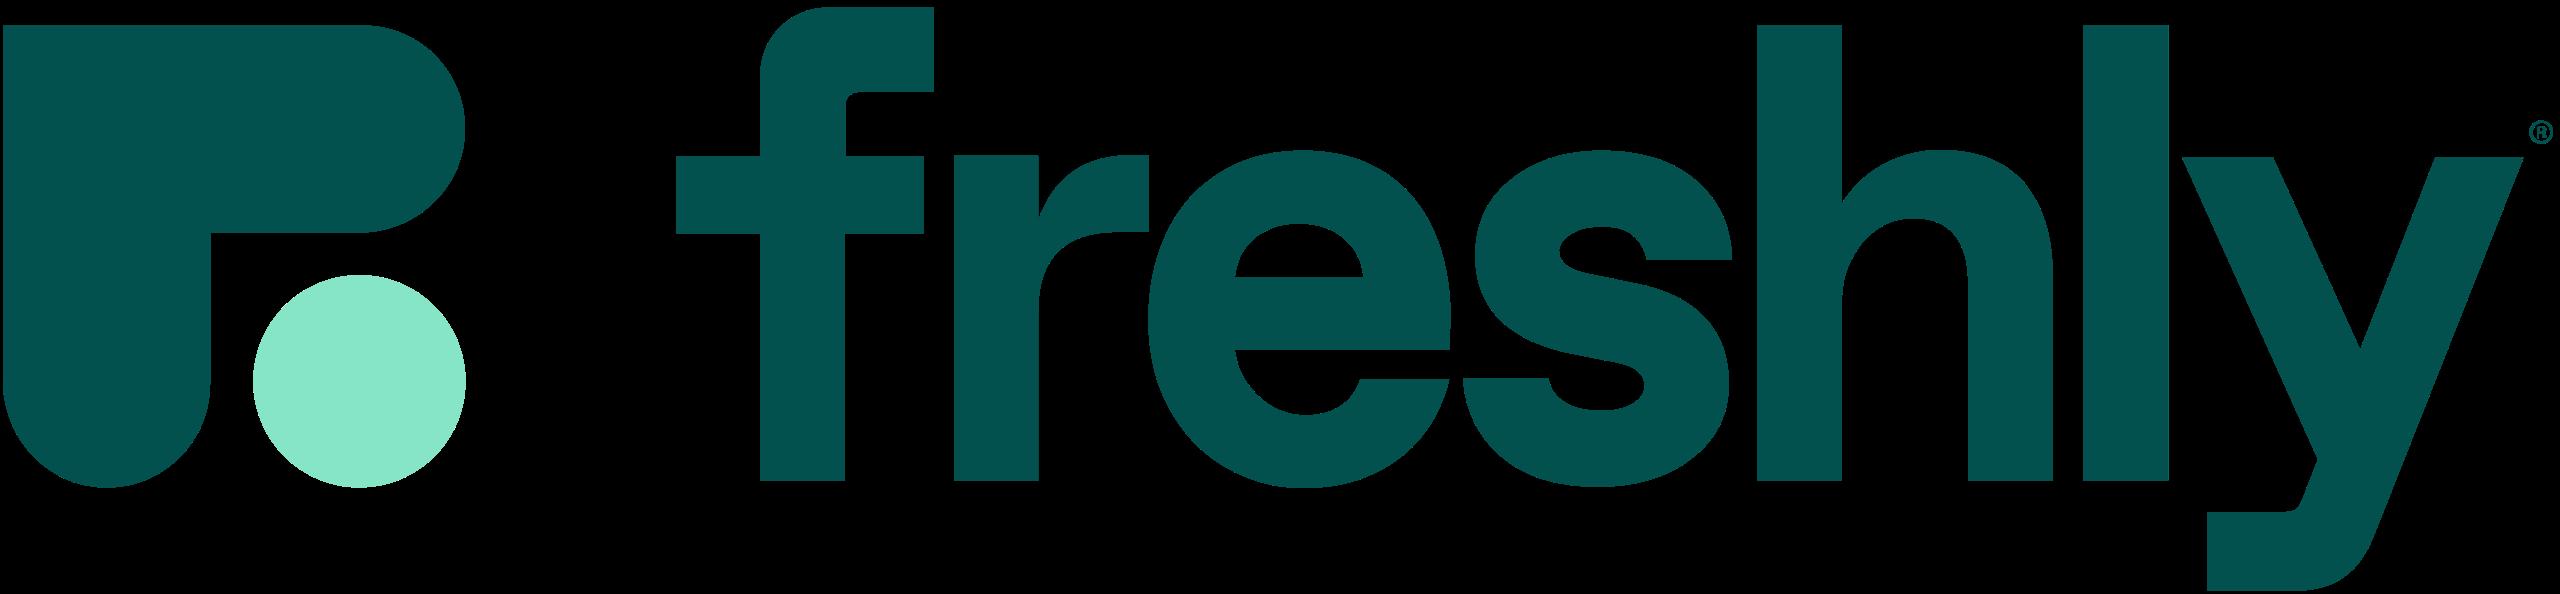 Testimony company logo